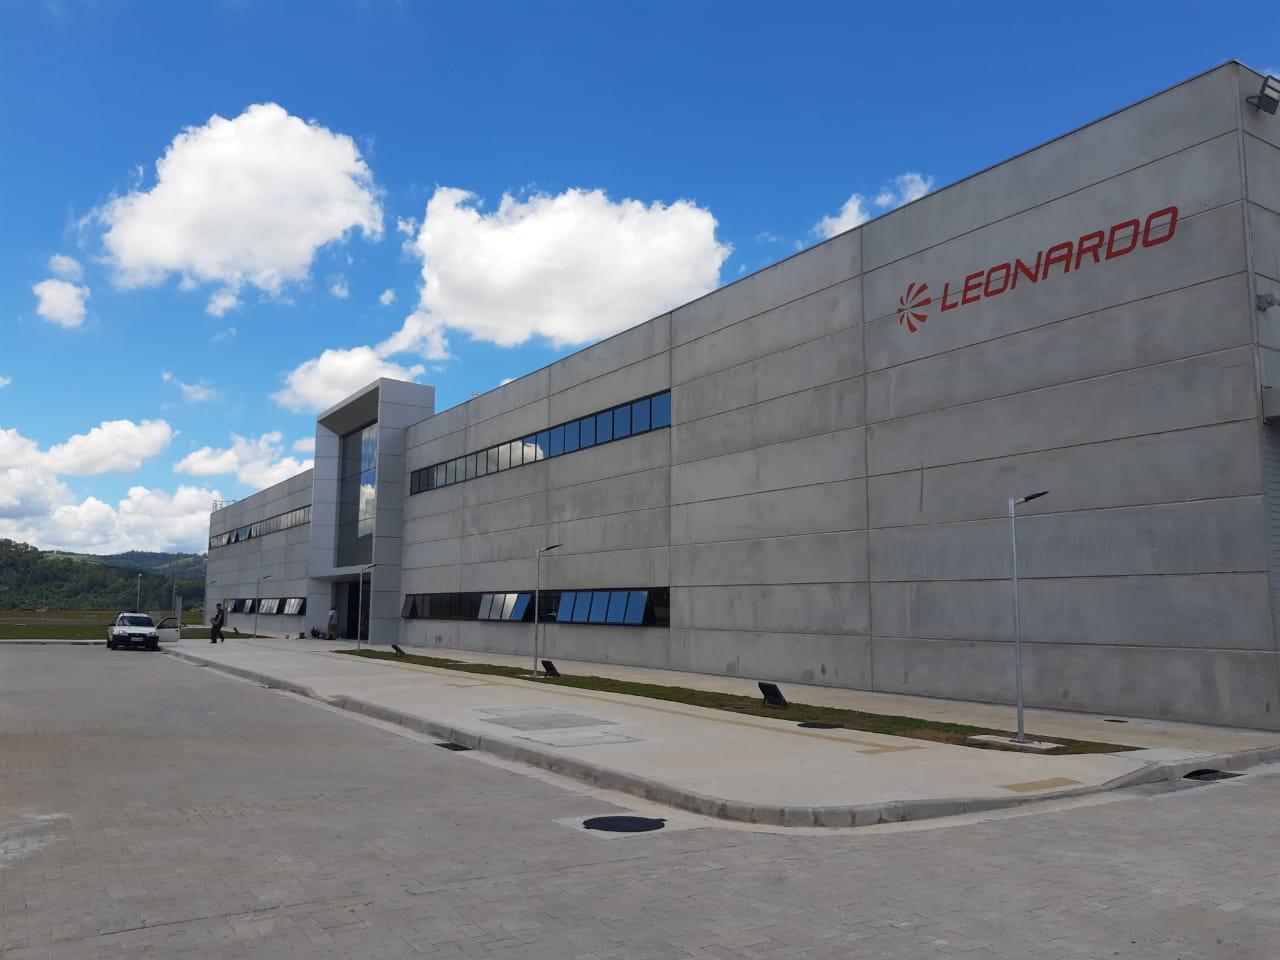 leonardo company projeto de hangar aviação 6